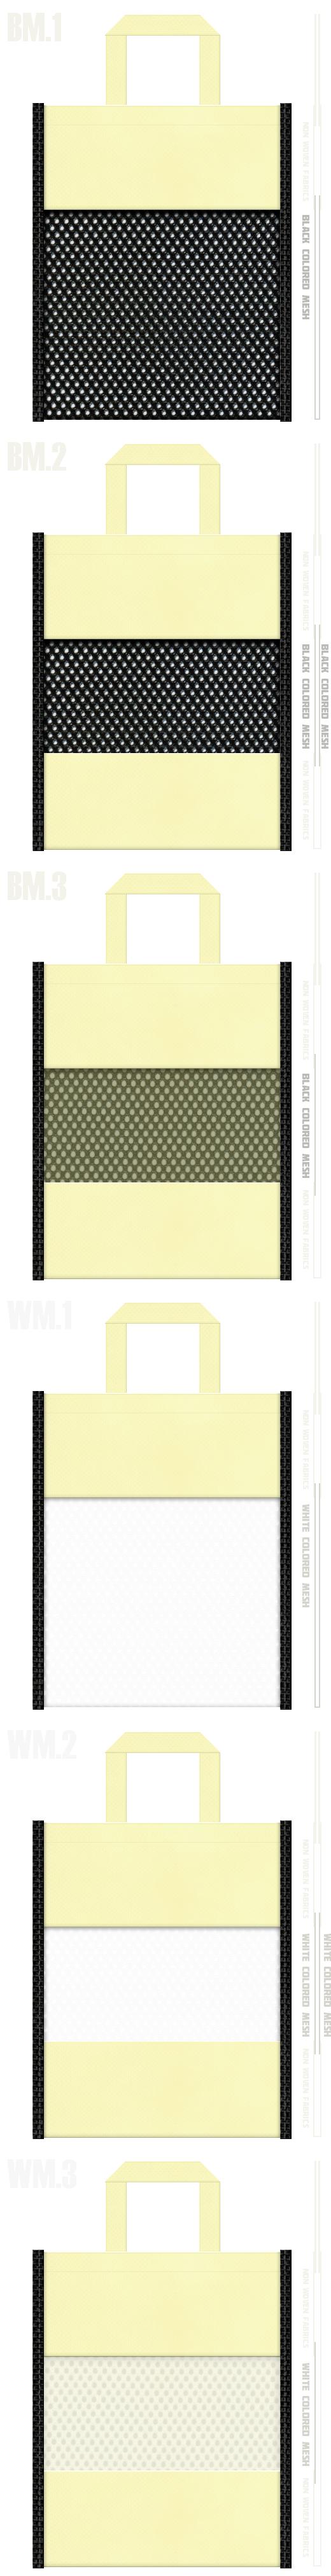 フラットタイプのメッシュバッグのカラーシミュレーション:黒色・白色メッシュと薄黄色不織布の組み合わせ